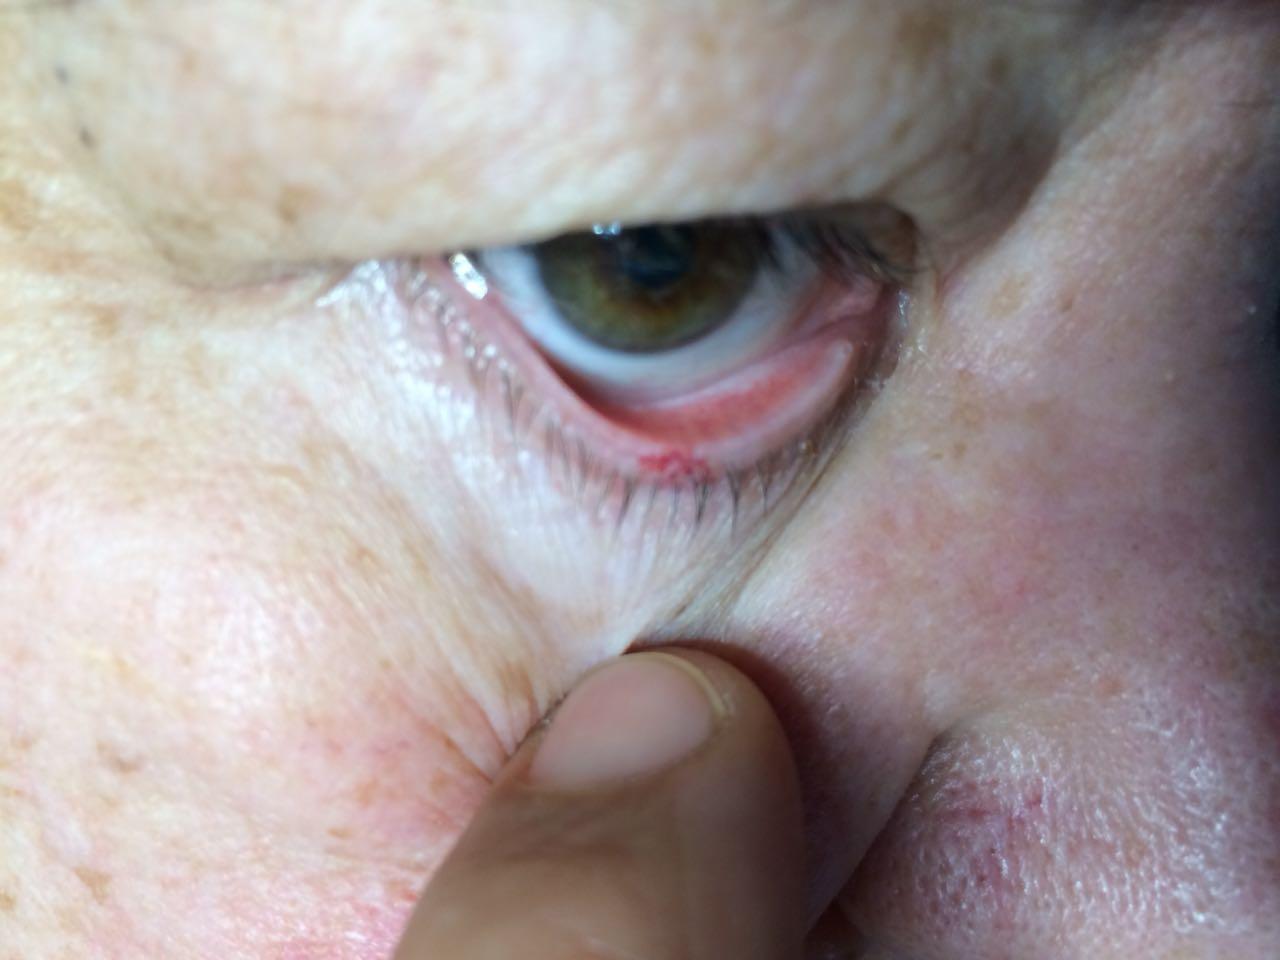 Hogyan lehet fájdalommentesen eltávolítani a papillómákat. HPV-fertőzés tünetei nők esetében